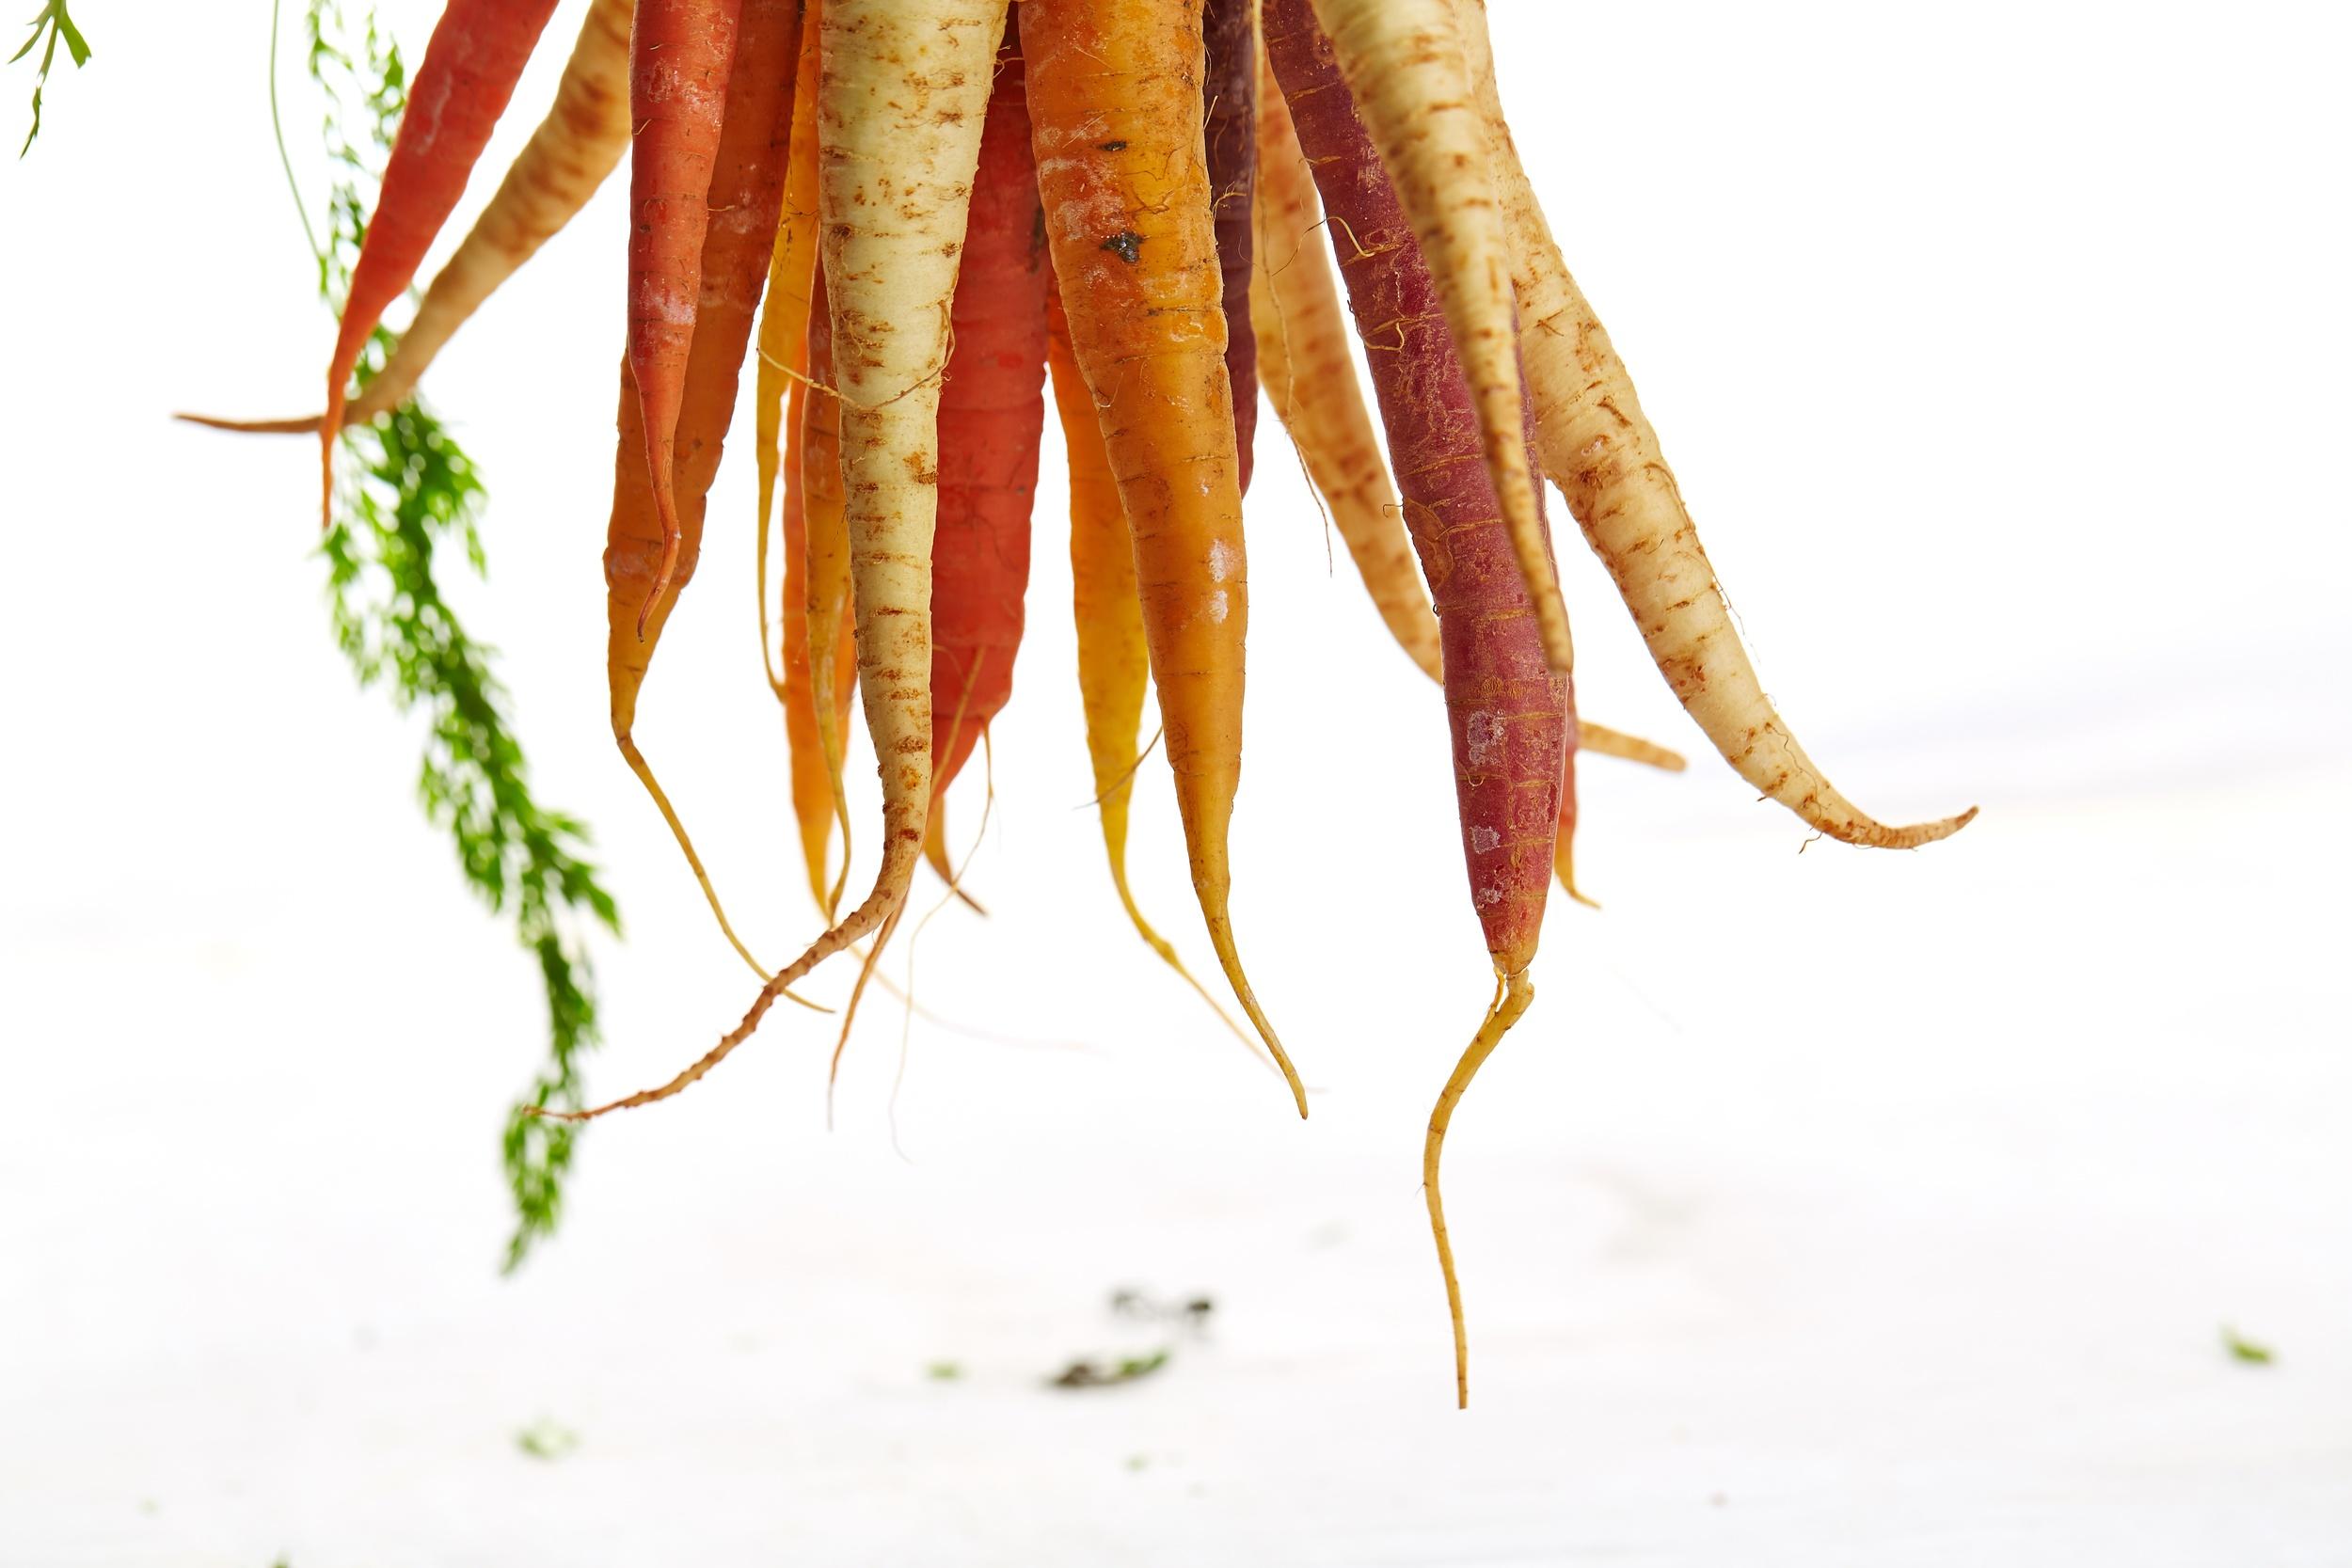 Recycling_Carrots.jpg